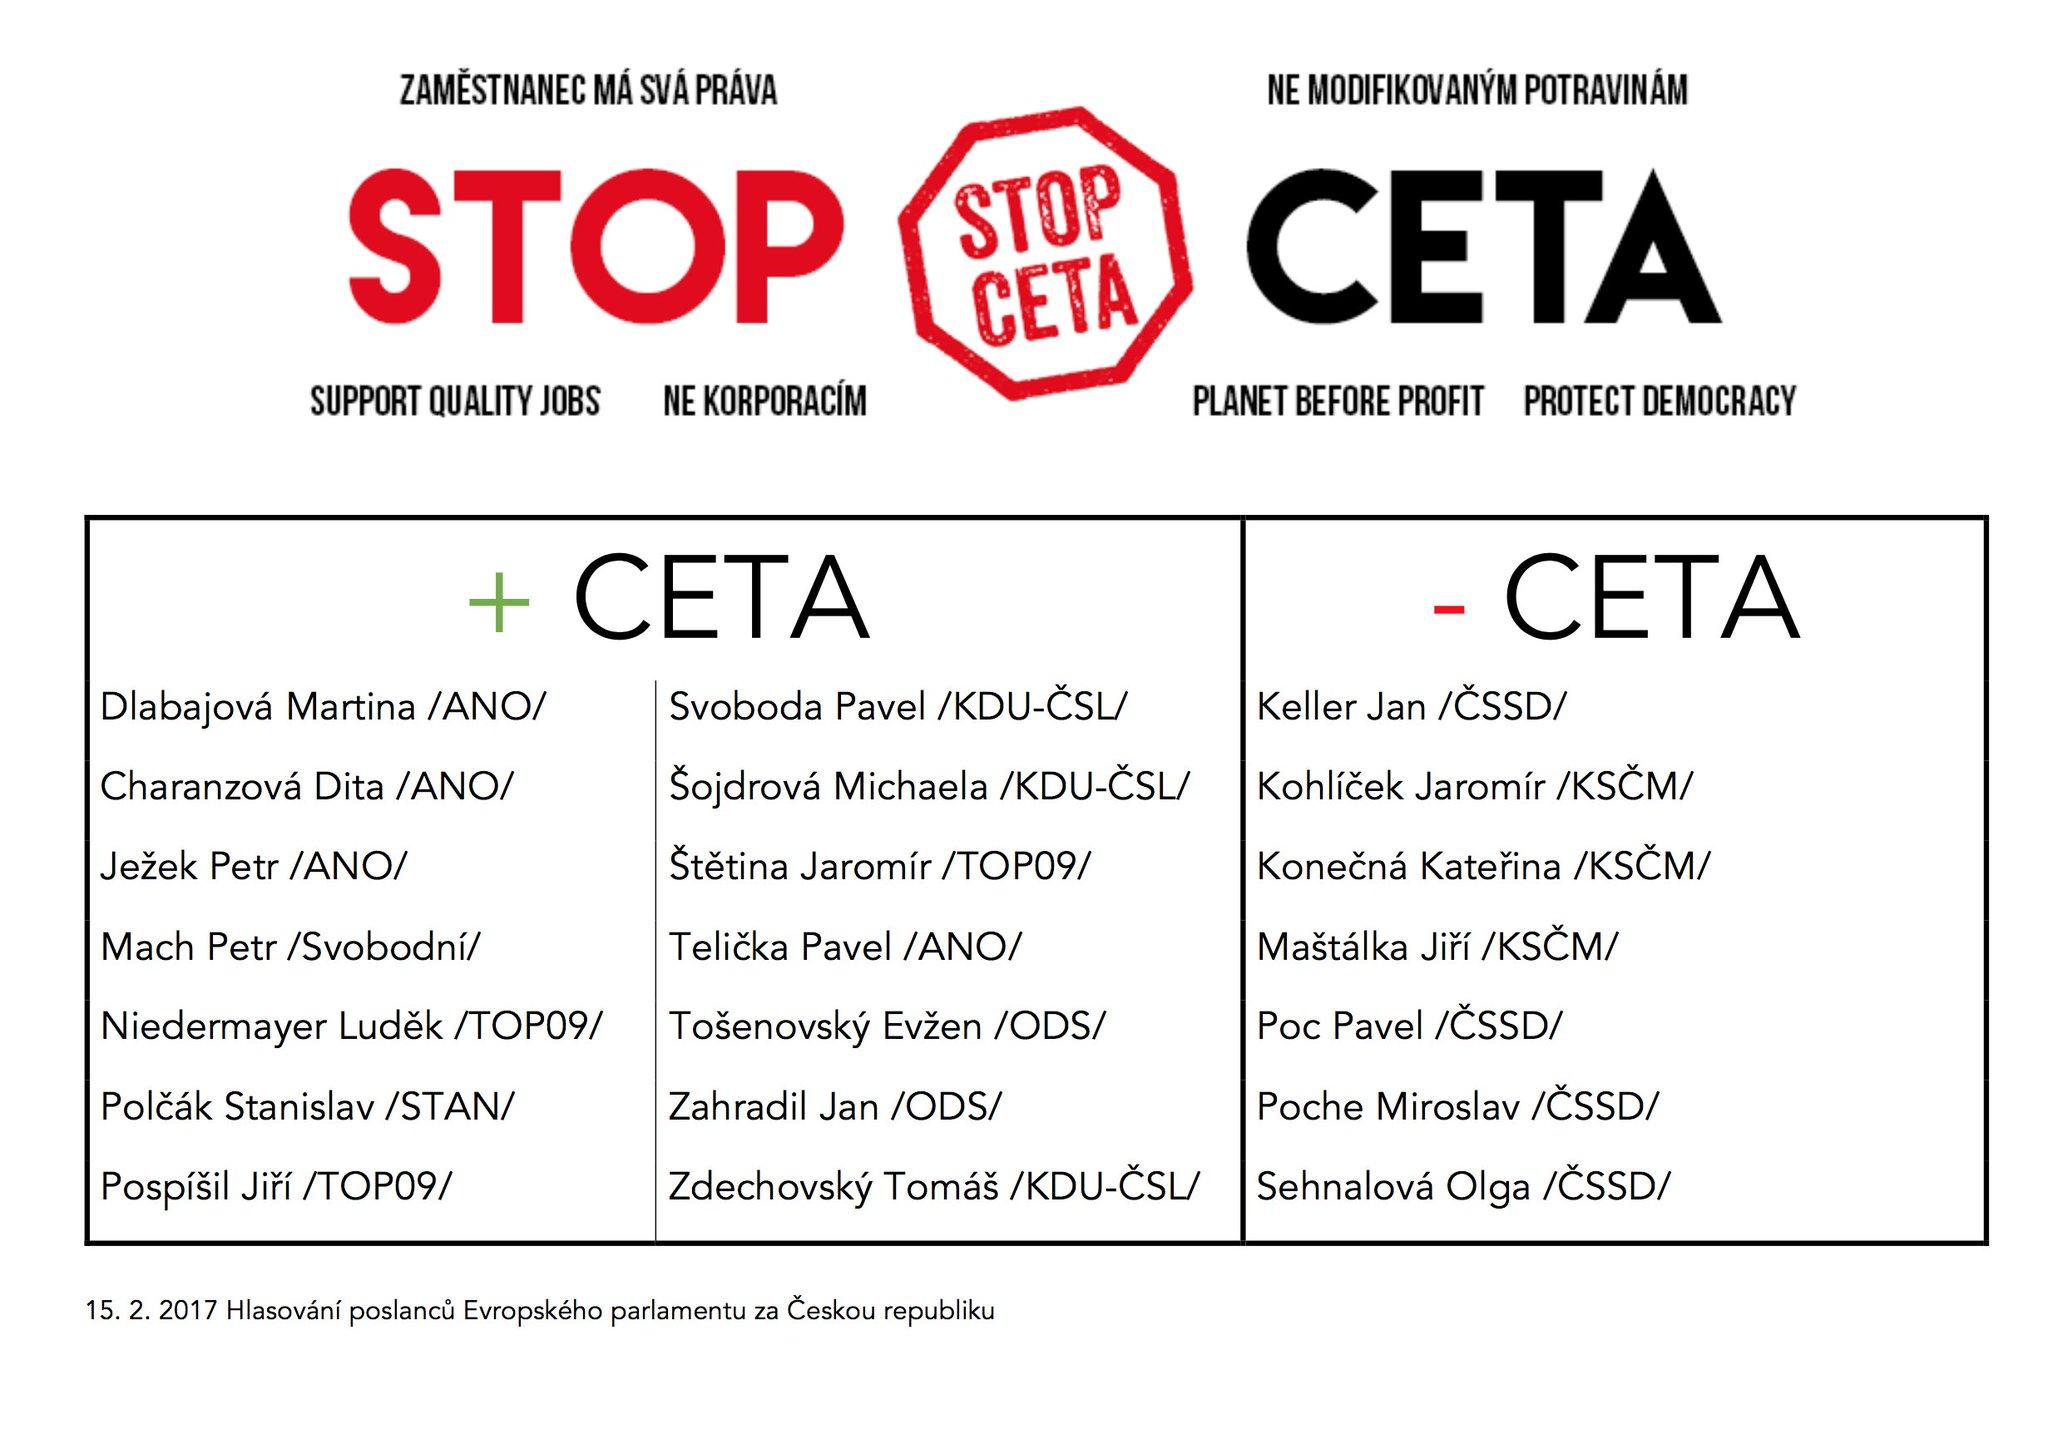 Hlasování českých europoslanců o smlouvě #CETA @eci_ttip @VttipCz @CT24zive @CTK_cz @CRozhlas https://t.co/AJ8kPCWduV